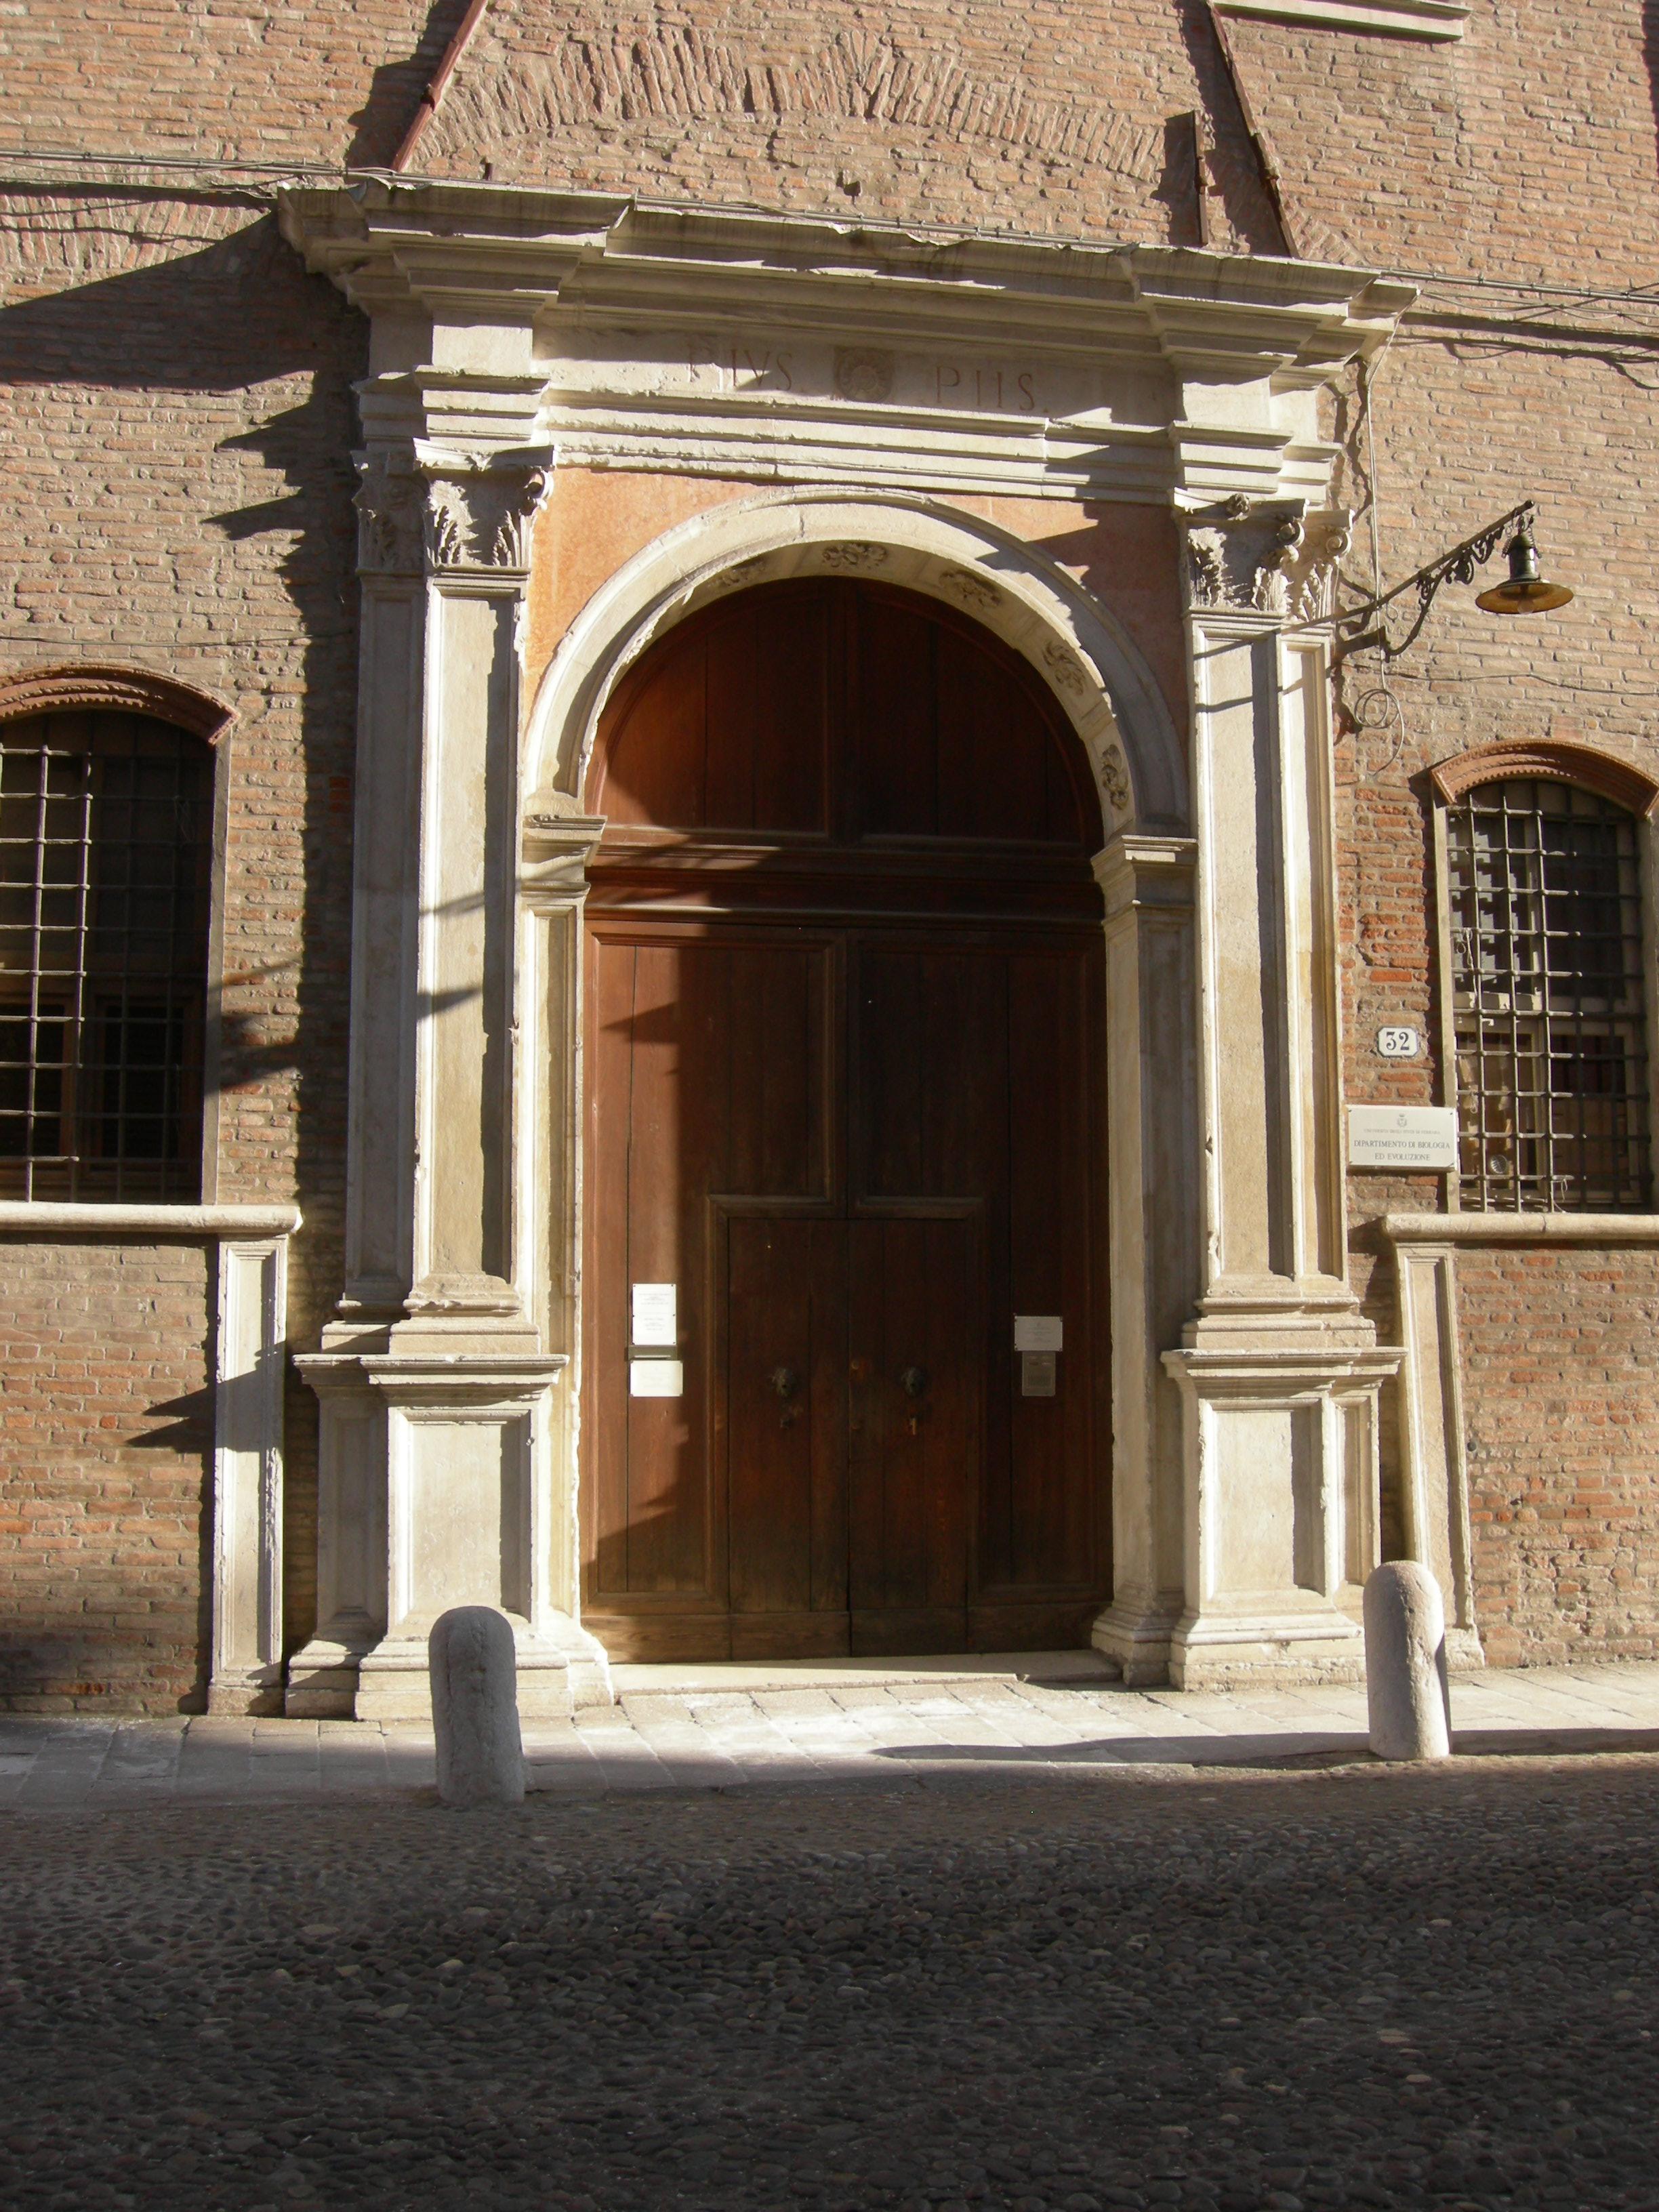 File:Portale palazzo Turchi - Di Bagno Ferrara.JPG - Wikimedia Commons